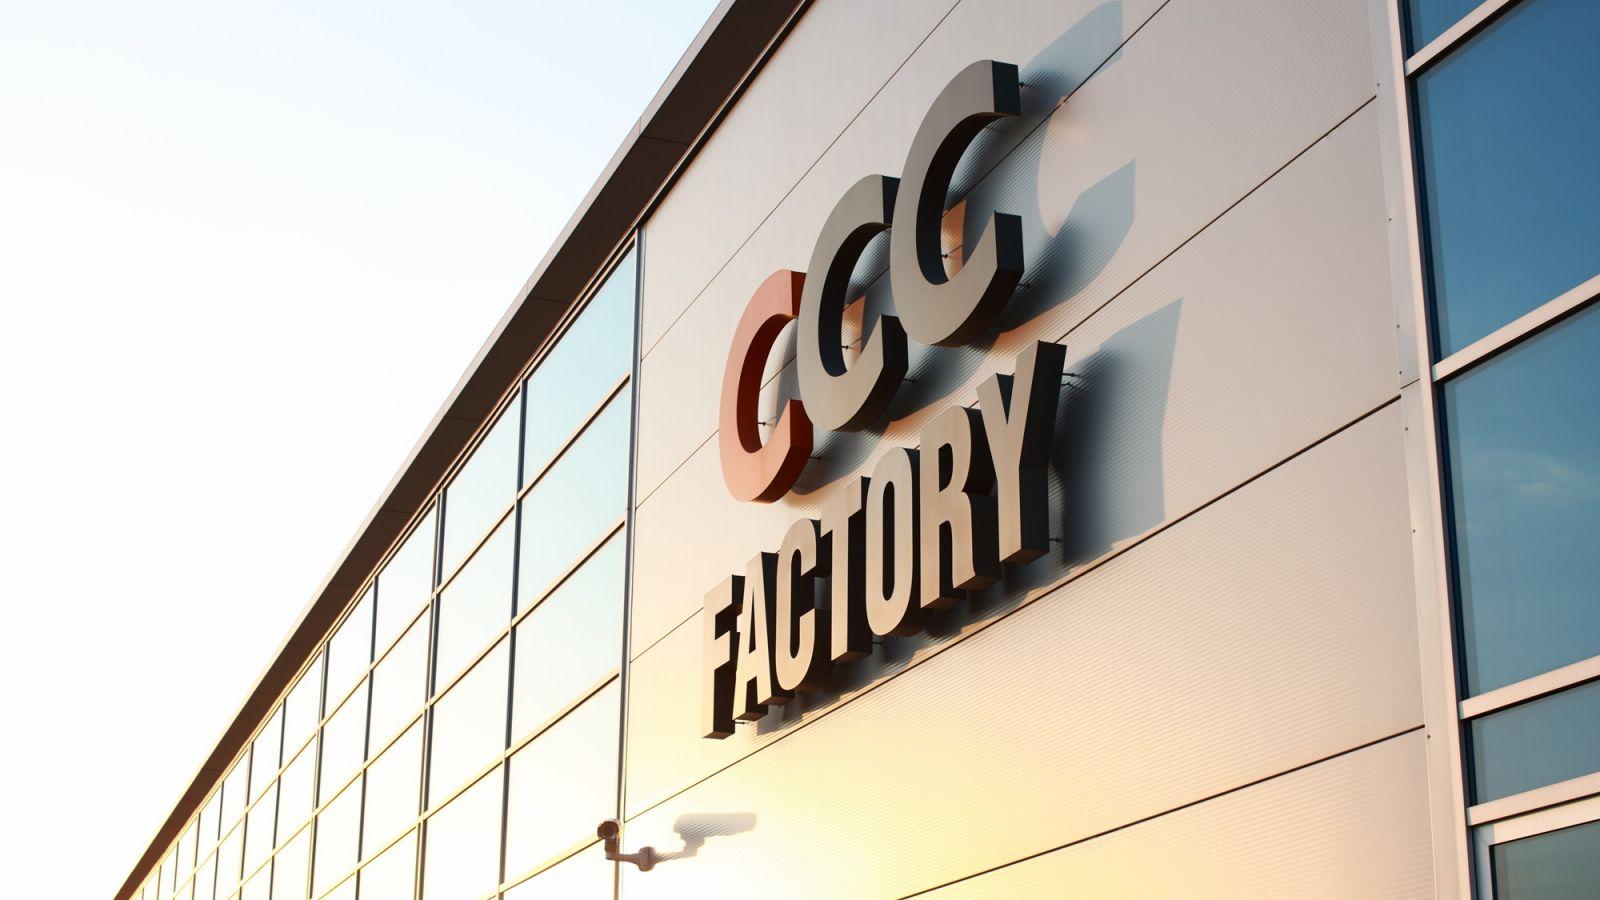 4cd9c48421d68 Firma obuwnicza CCC może przejąć Gino Rossi. Co to oznacza dla słupskiego  przedsiębiorstwa? | Polskie Radio Koszalin